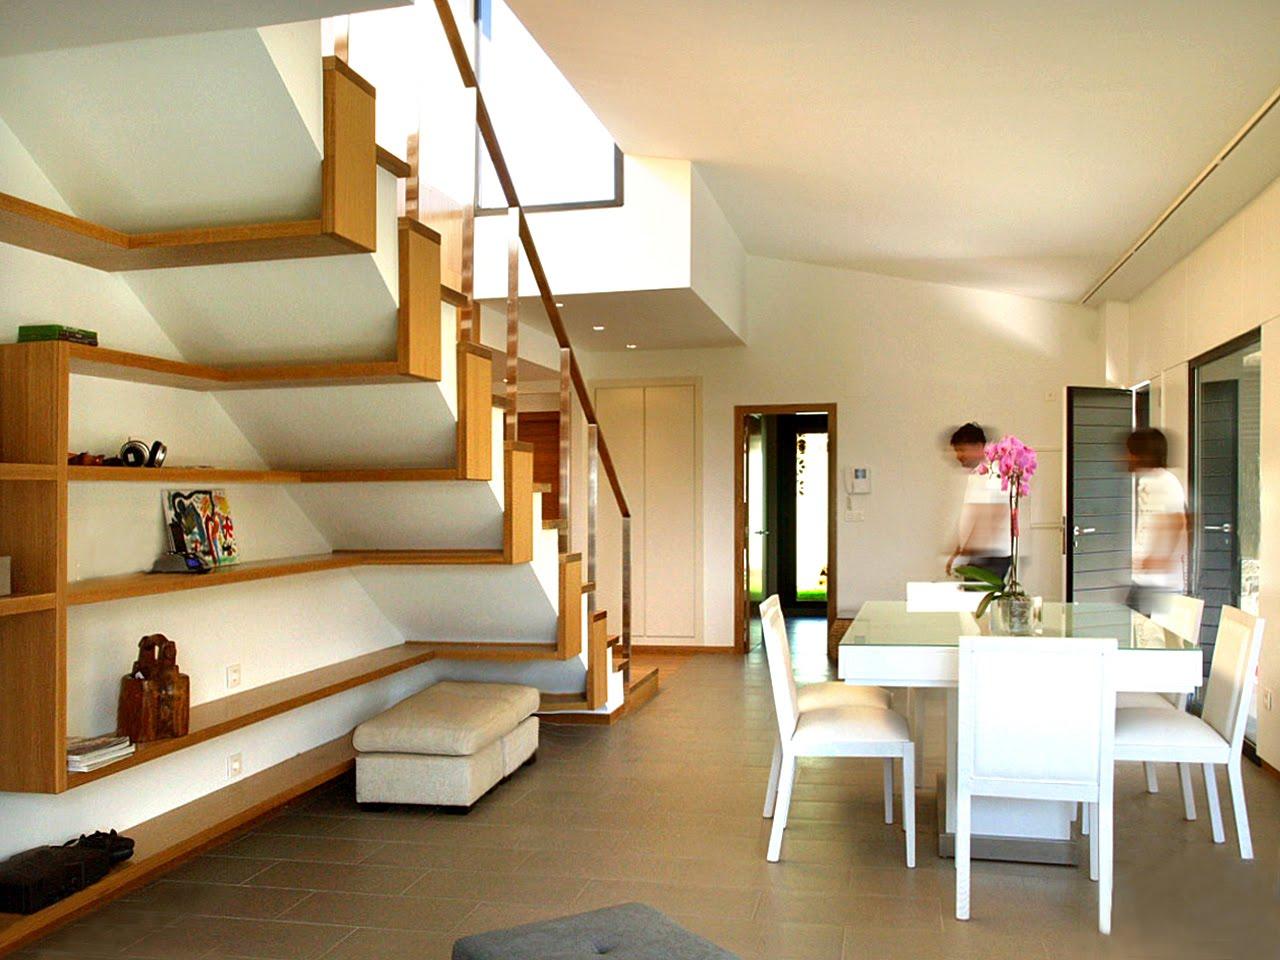 Arquitectura de dise o casa minimalista - Arquitectura de diseno ...